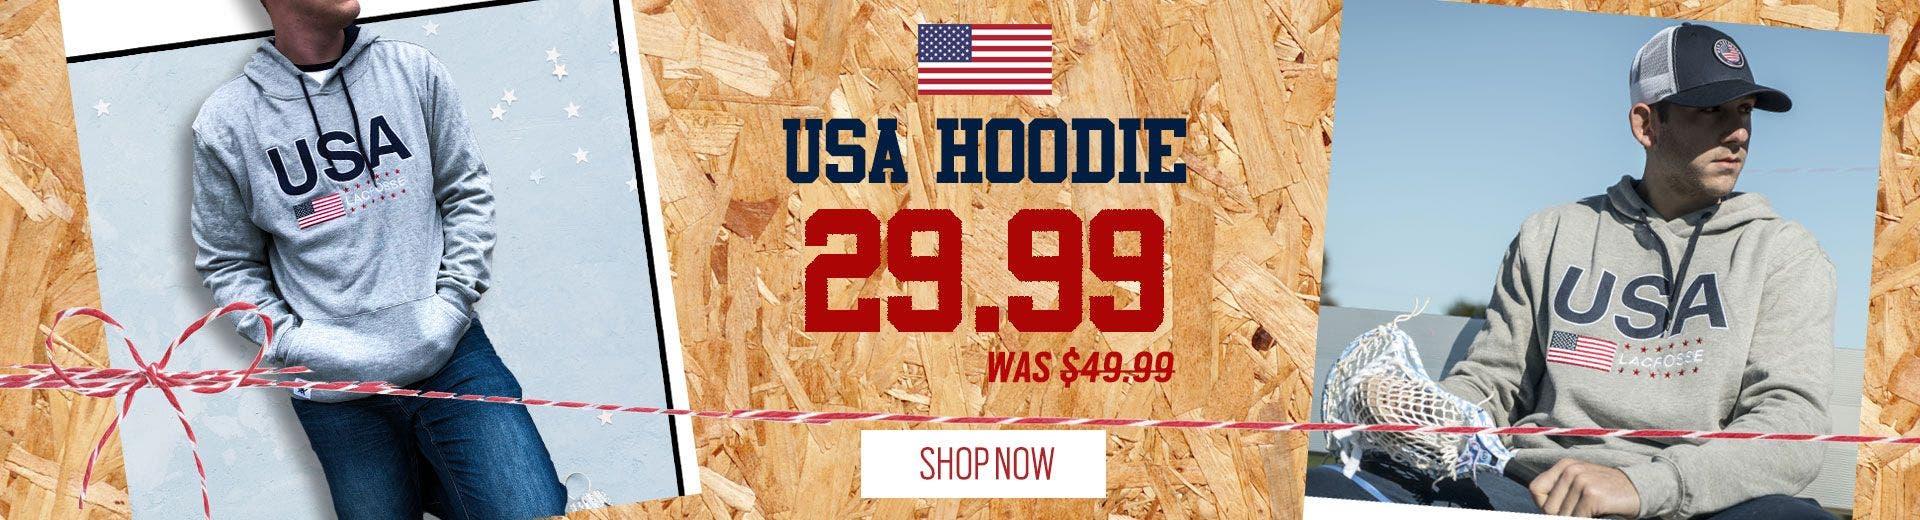 Heritage USA Hoodie - DESKTOP